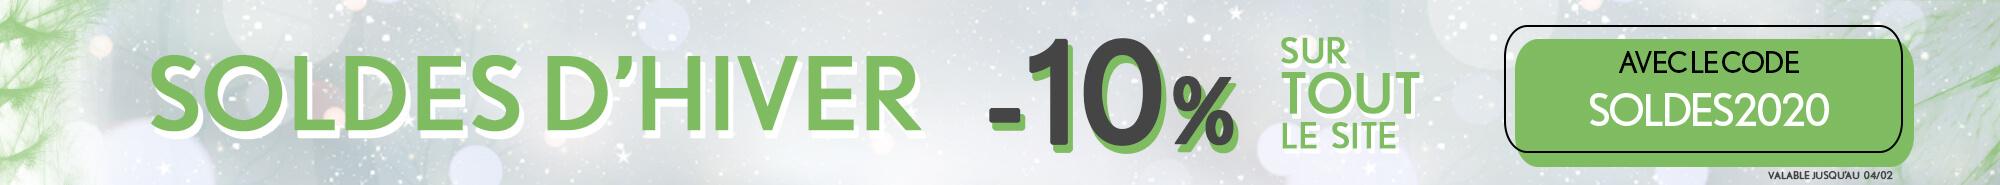 bandeau-soldes-hiver-10prcnt-2000x185-100SUCRES